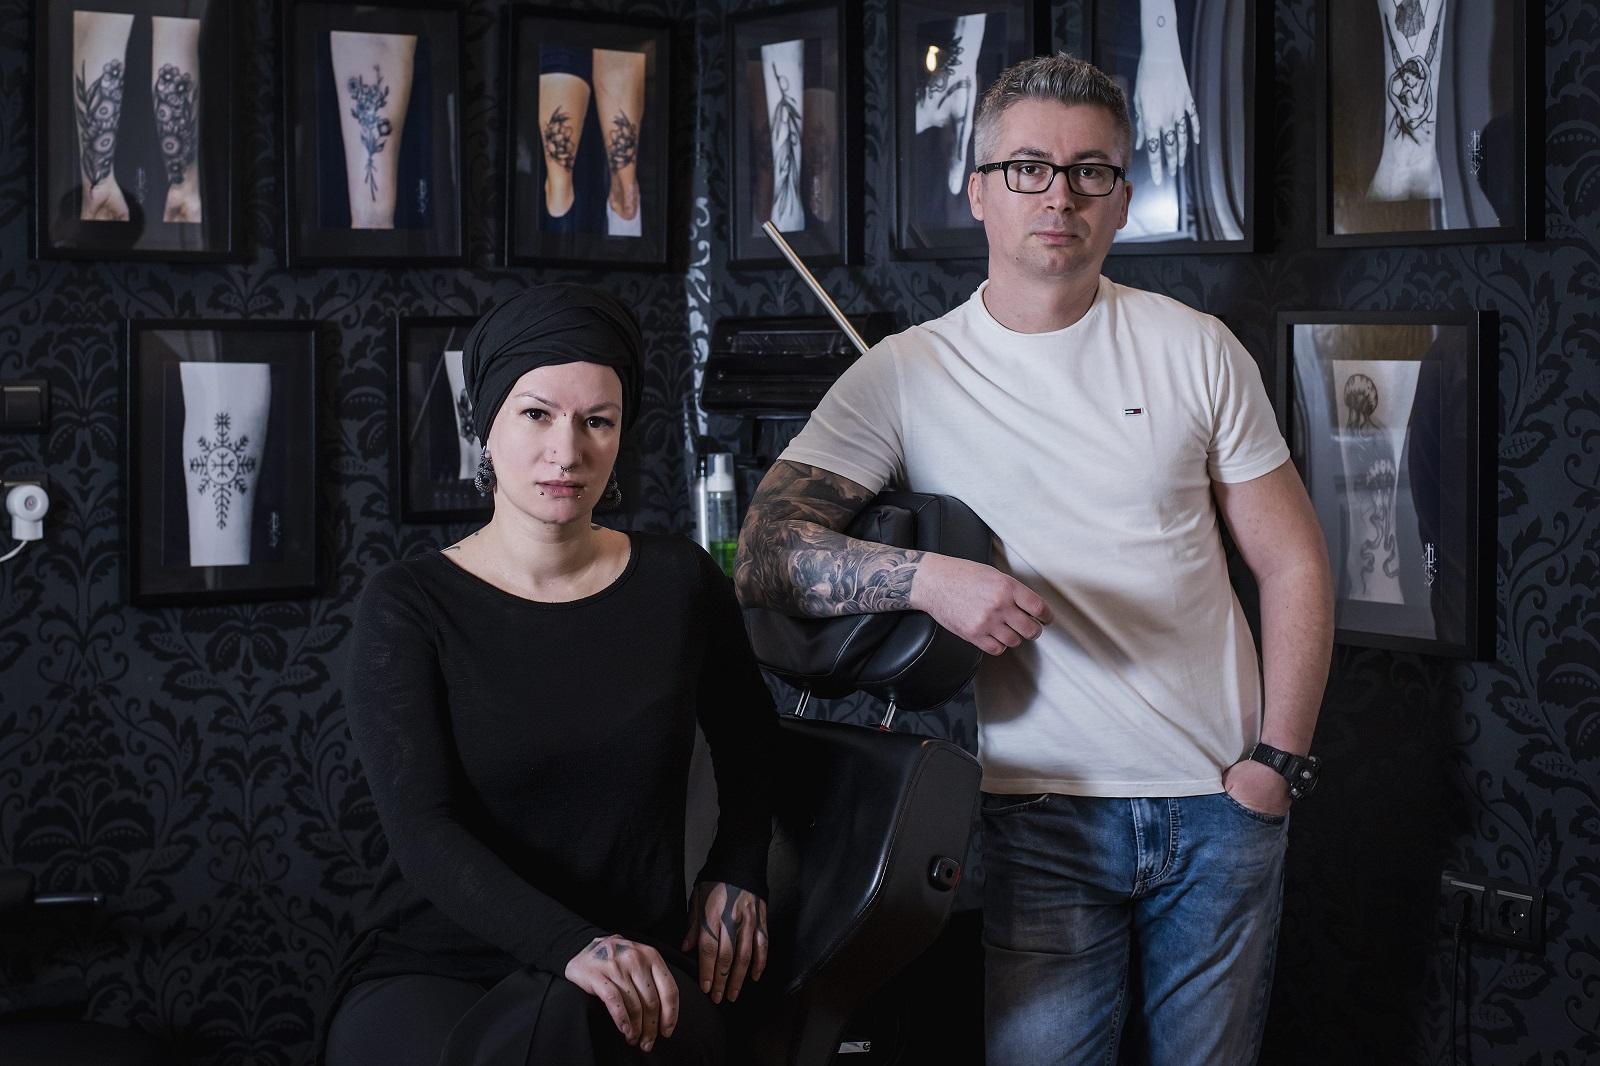 Zagreb, 260220. U octopus tattoo i piercing studiu besplatno tetoviraju bradavice zenama lijecenim od karcinoma dojke. Foto: Neja Markicevic / CROPIX